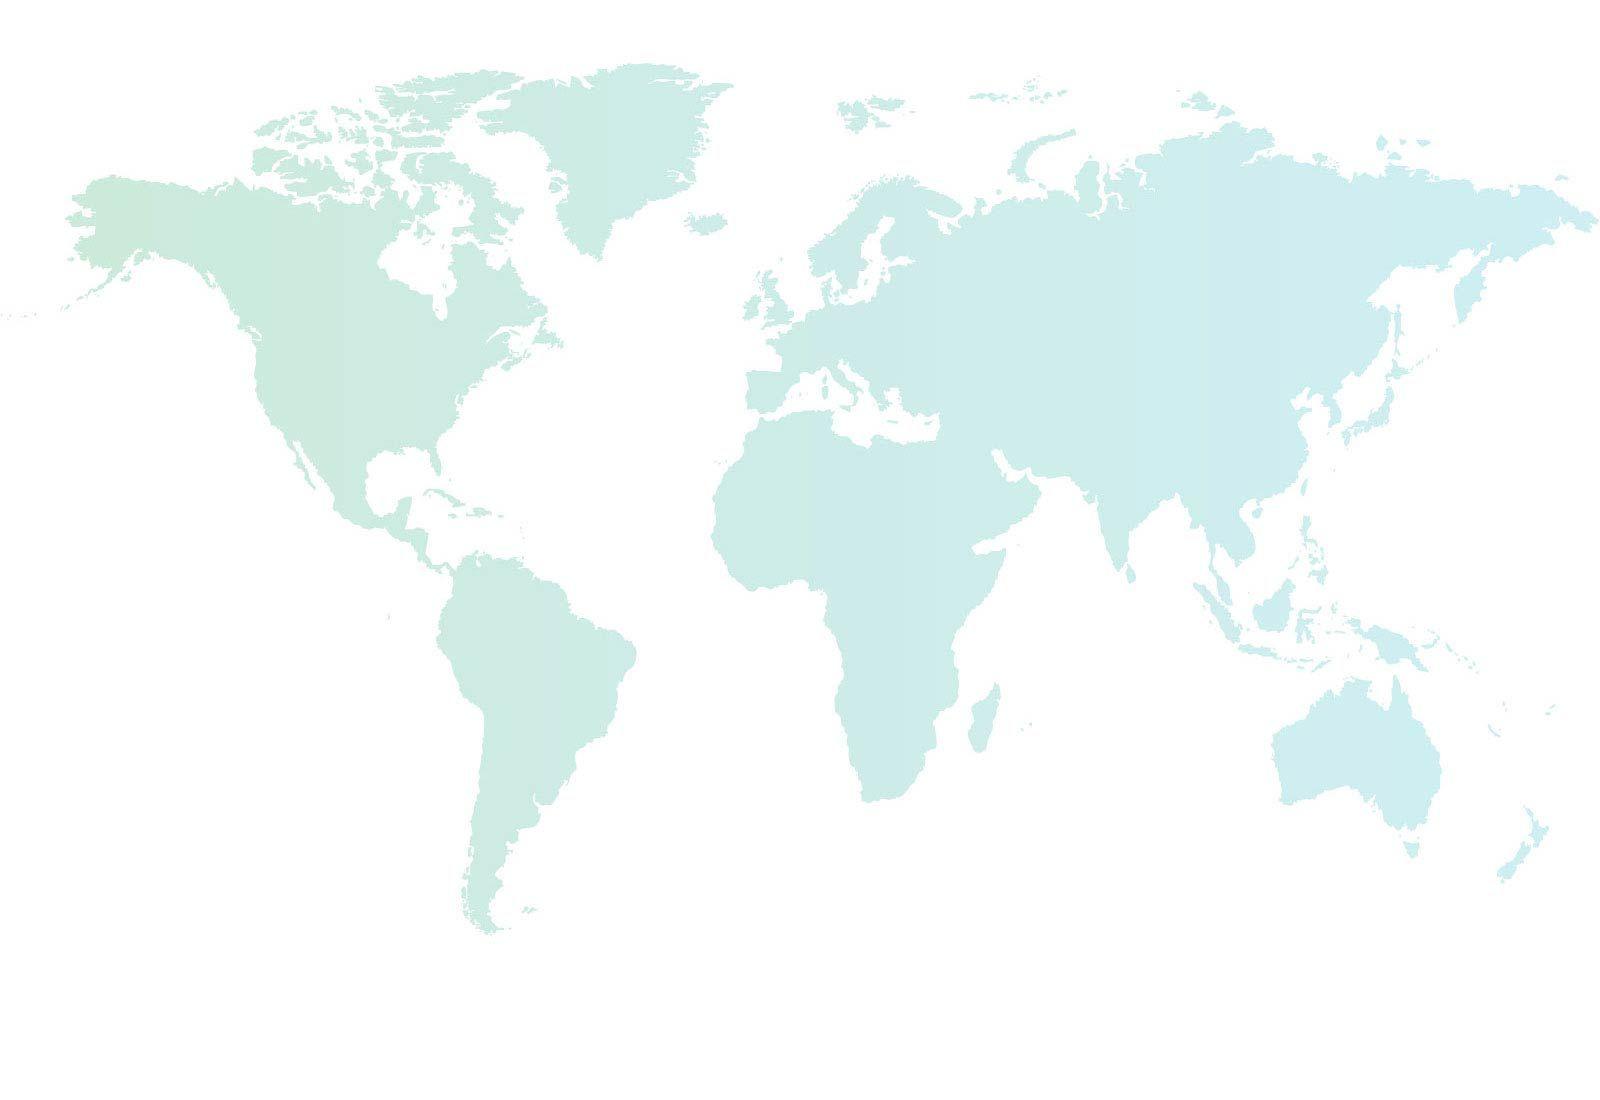 World Map Watermark.World Map Watermark Www Topsimages Com